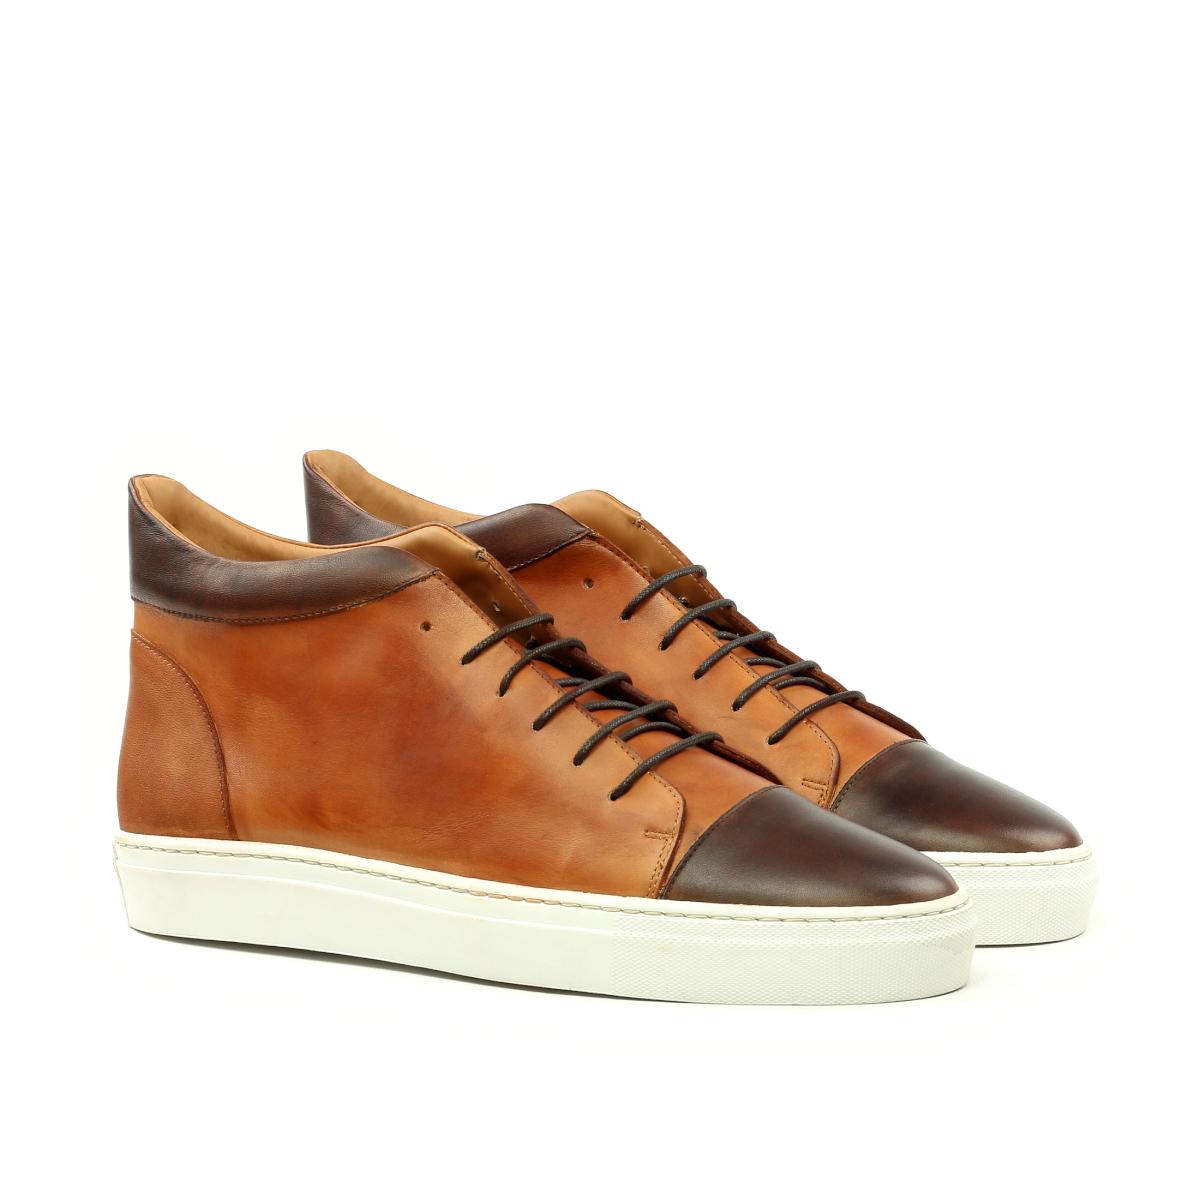 Brown box calf high top sneakers